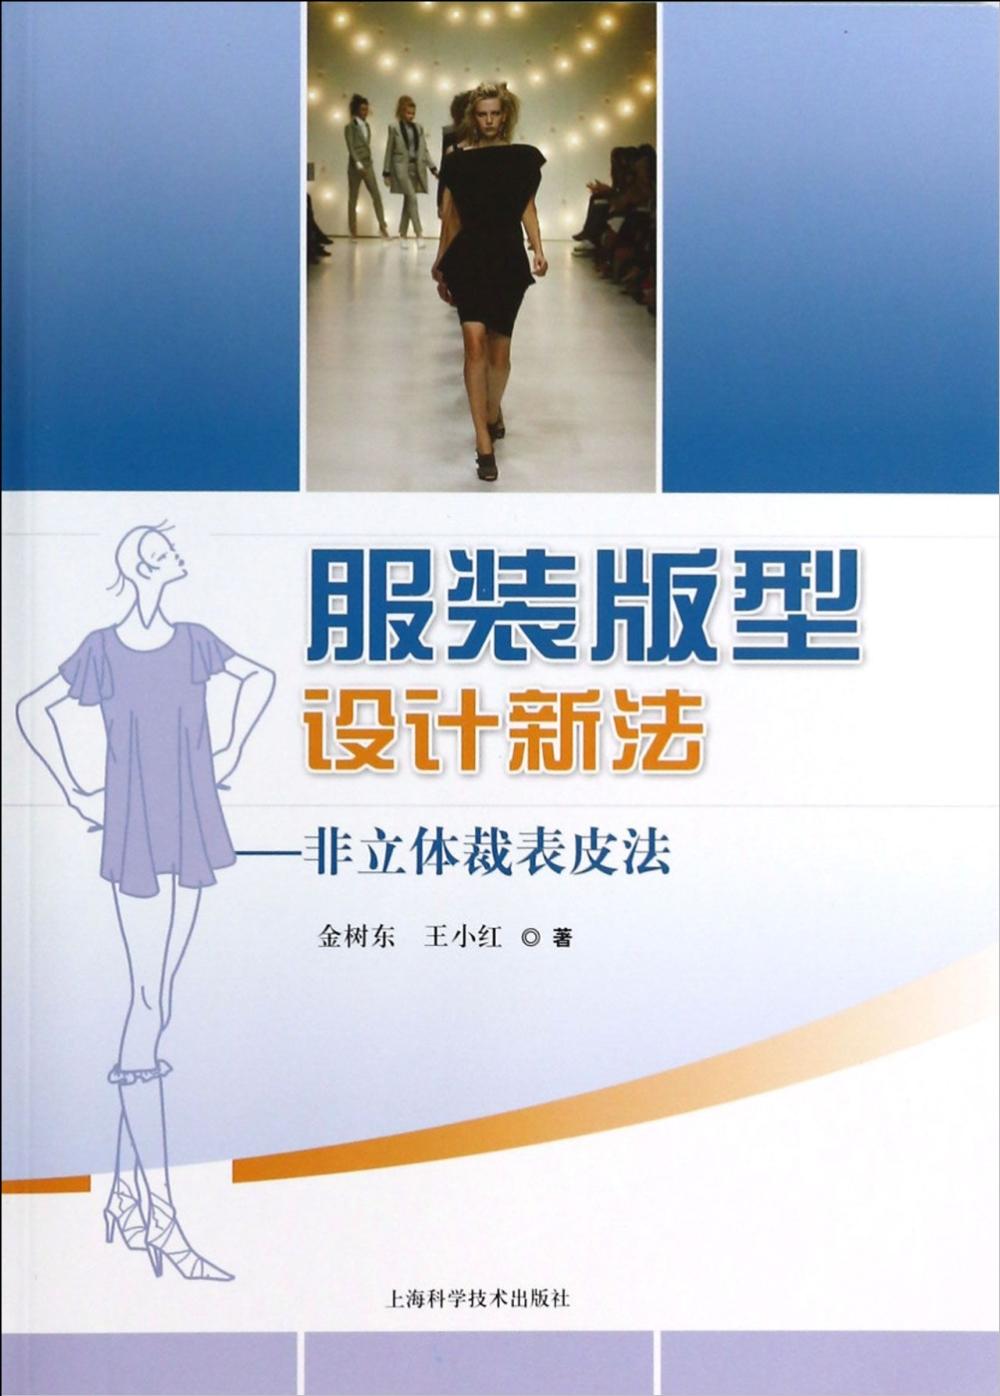 服裝版型 新法——非立體裁表皮法